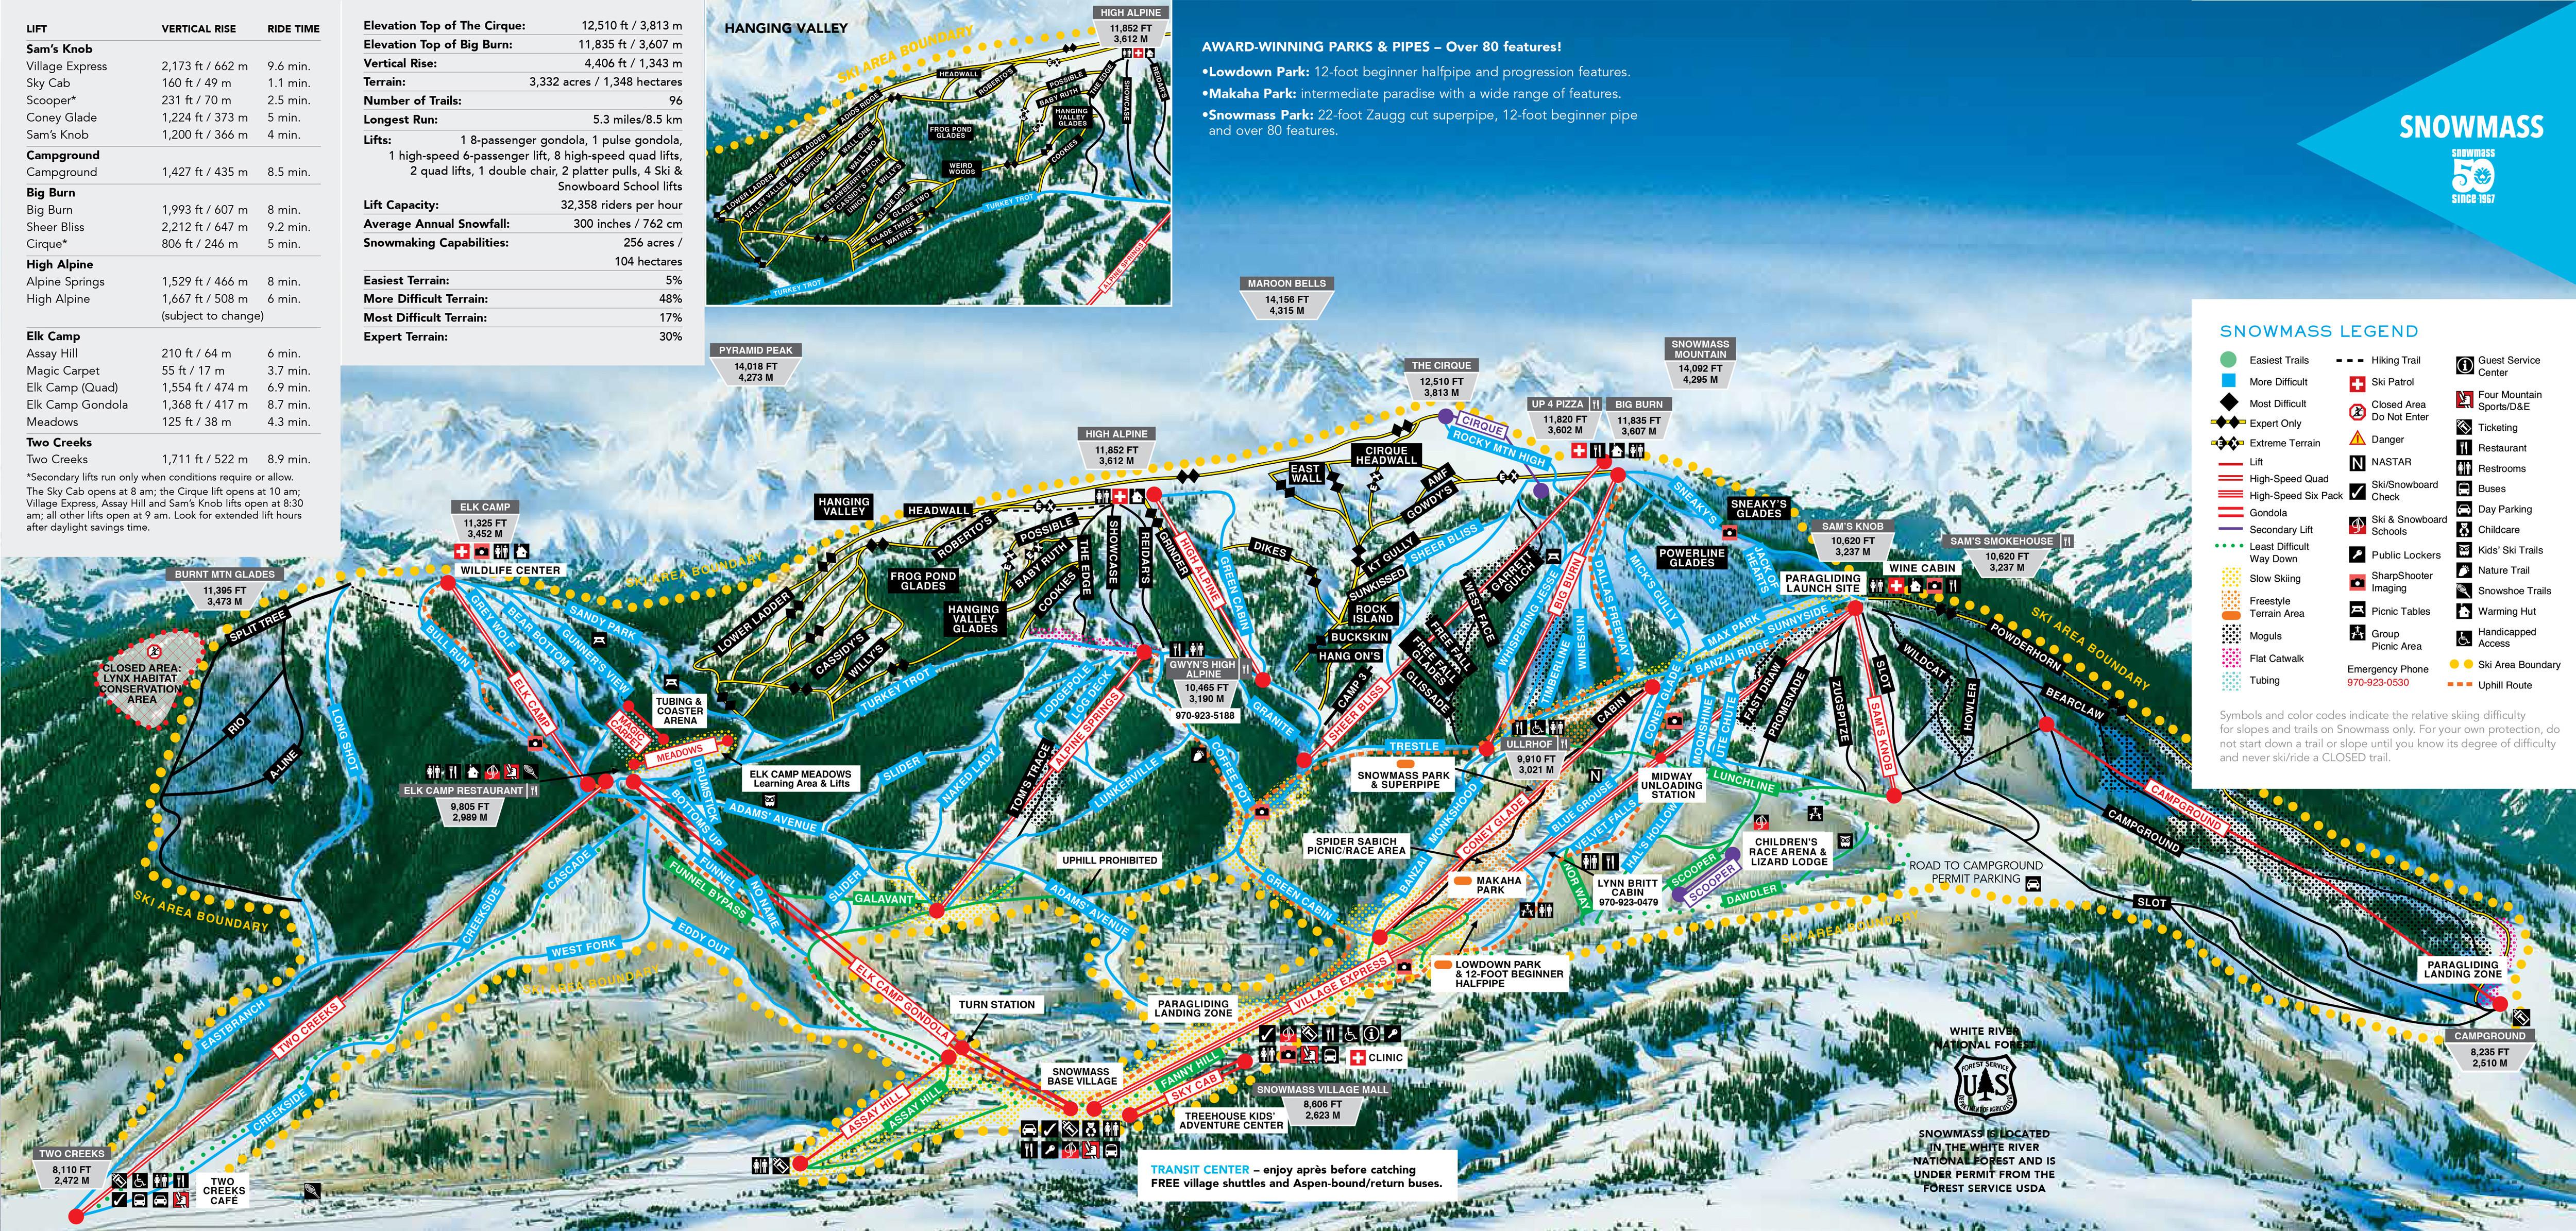 Pistenplan von Aspen Snowmass